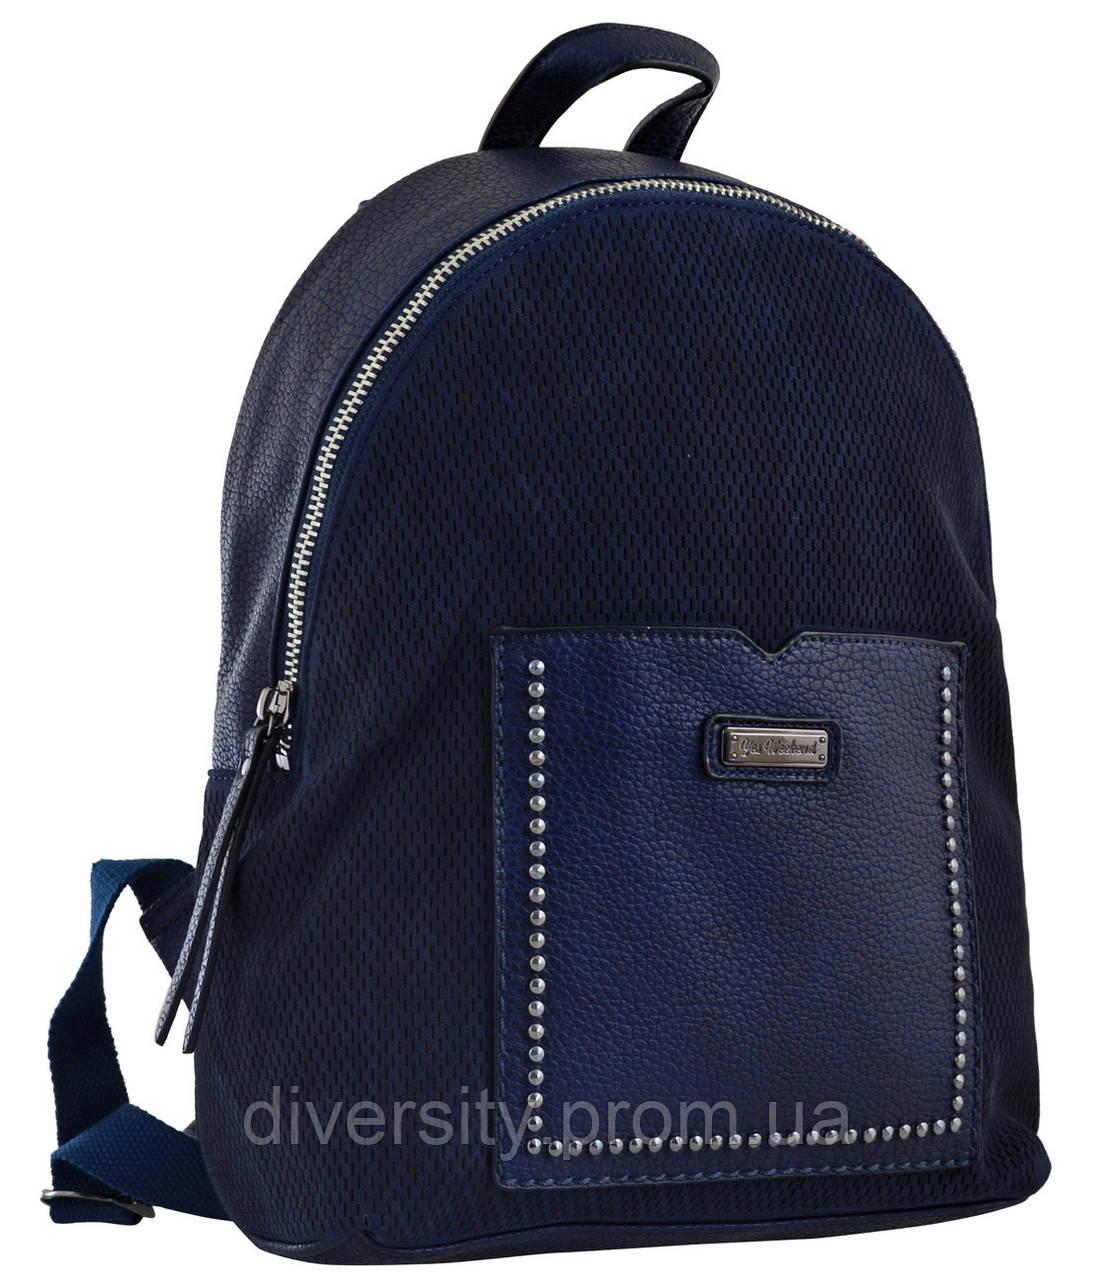 Женский рюкзак YES YW-19,   синий